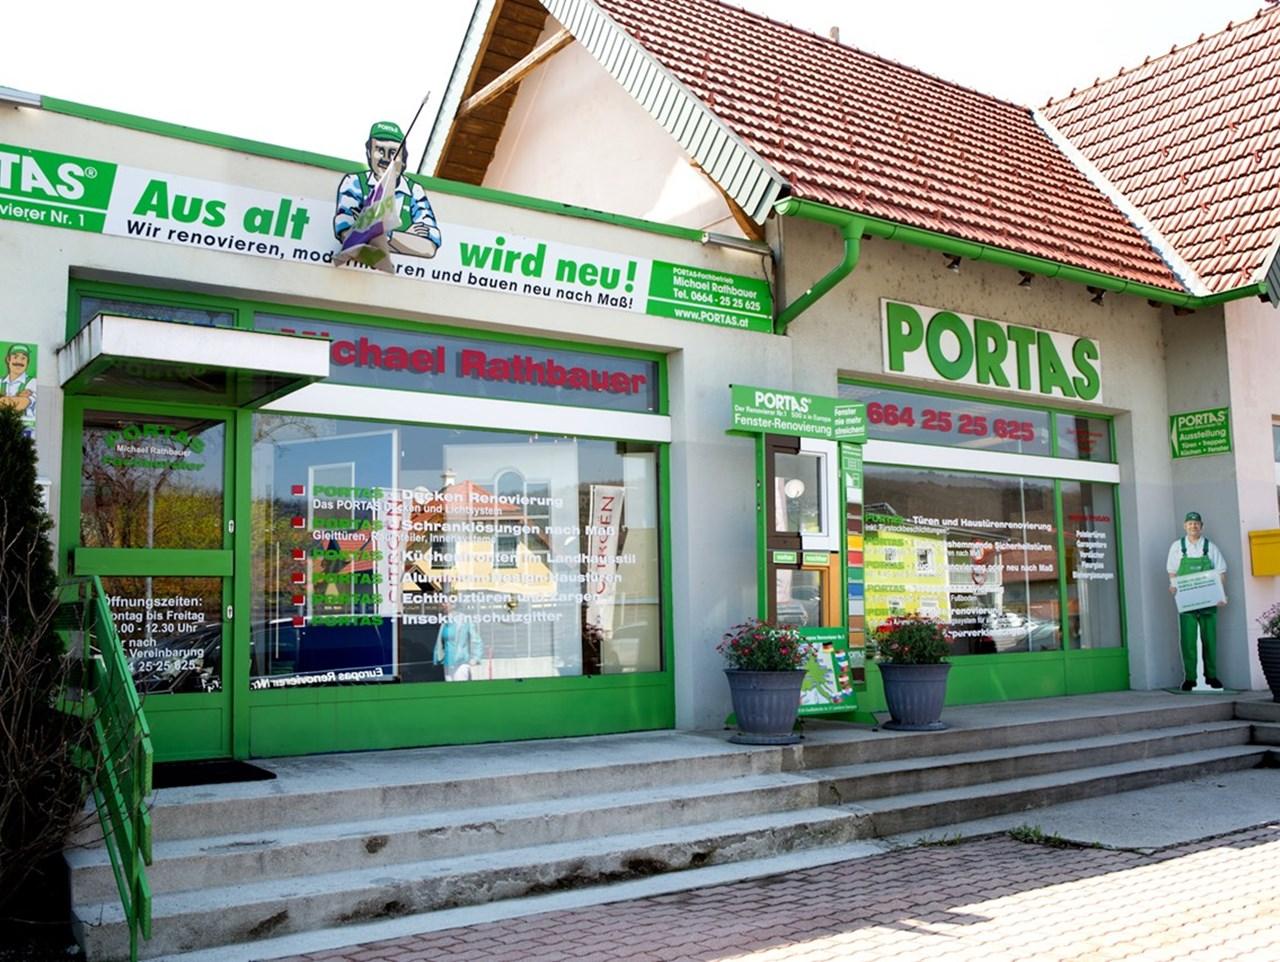 PORTAS-Fachbetrieb Michael Rathbauer